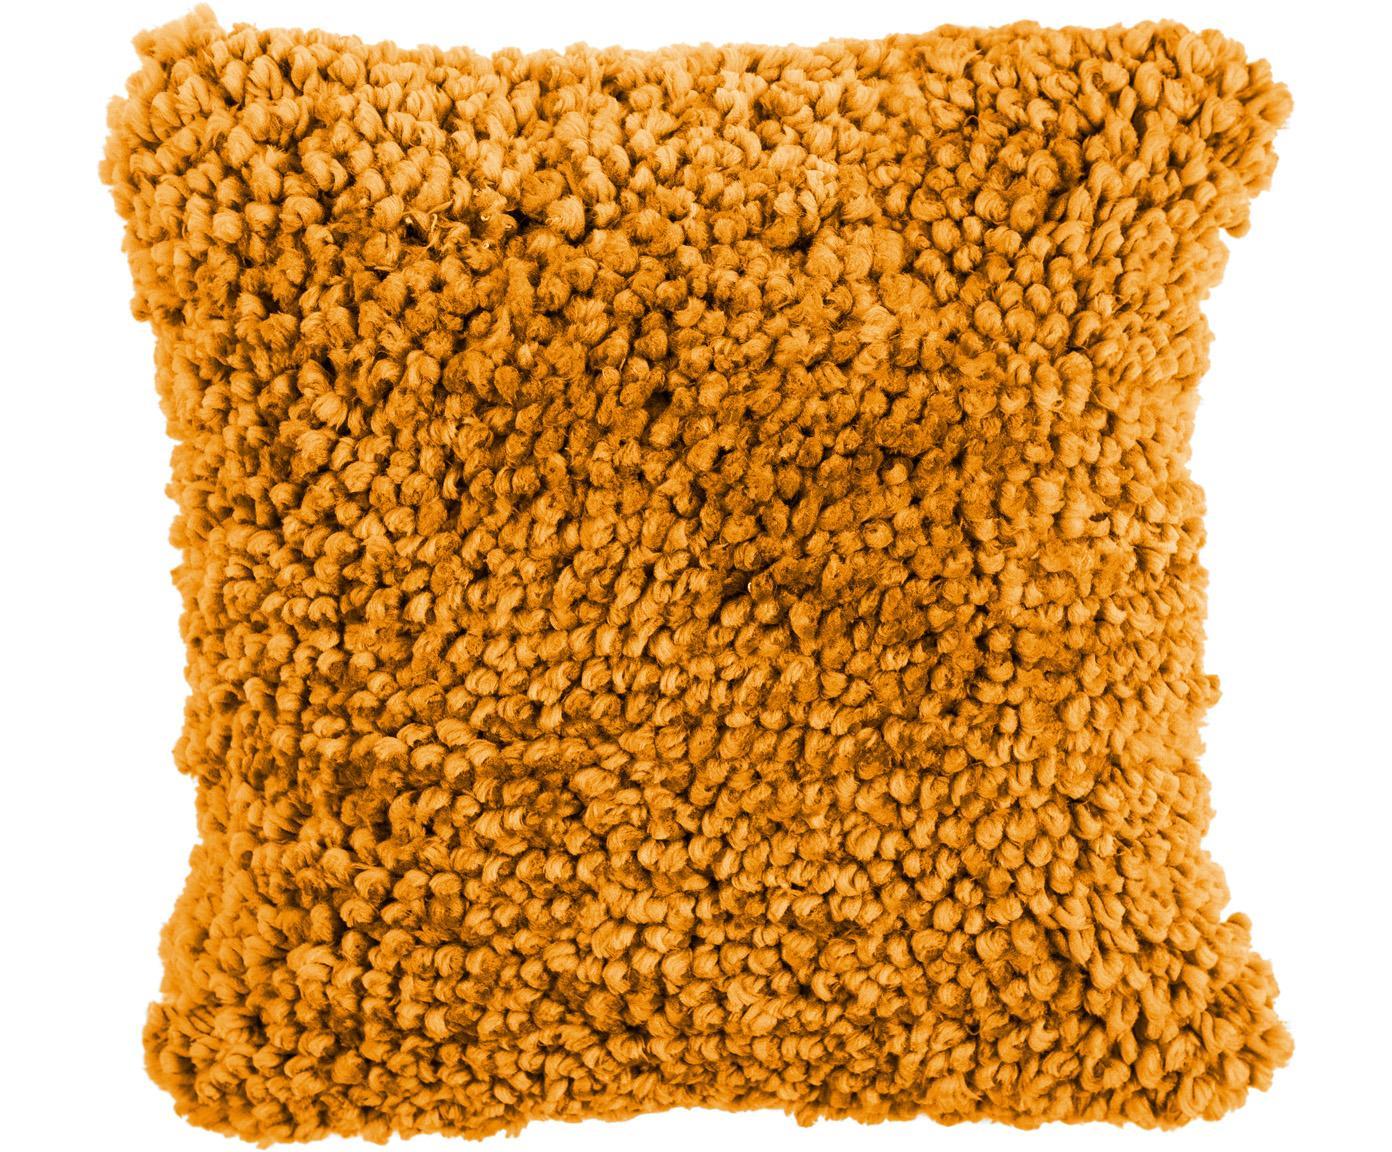 Poduszka z wypełnieniem Oscar, Tapicerka: 95% bawełna, 5% akryl, Brunatnożółty, S 50 x D 50 cm